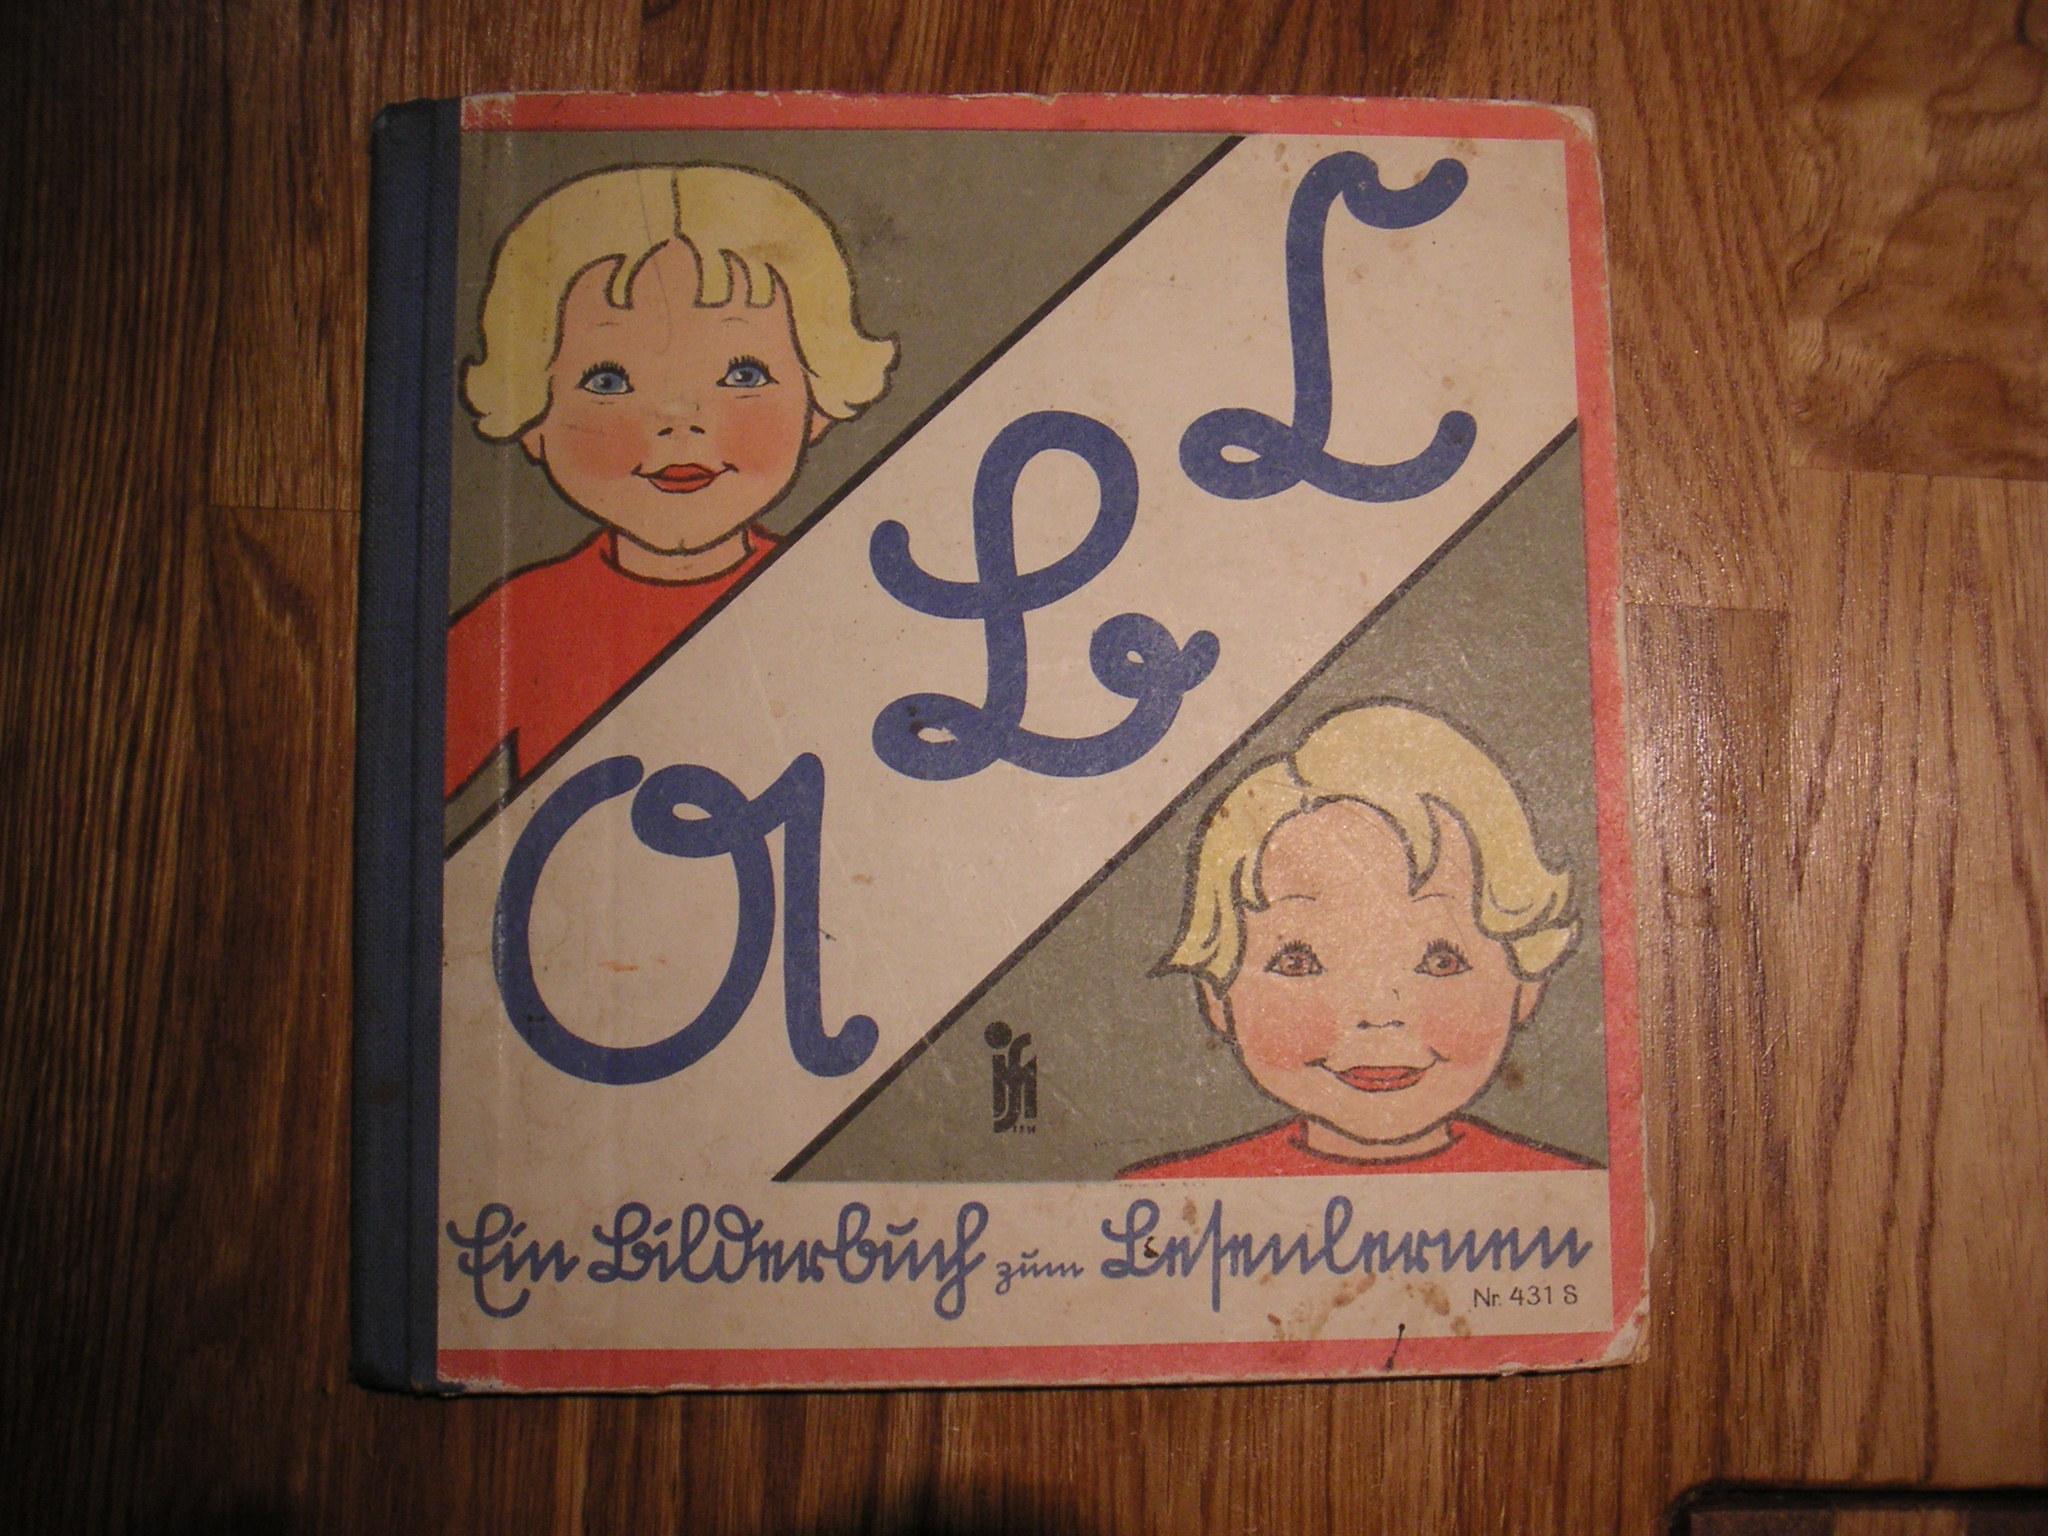 Lesenlernen für blau- und braunäugige Kinder